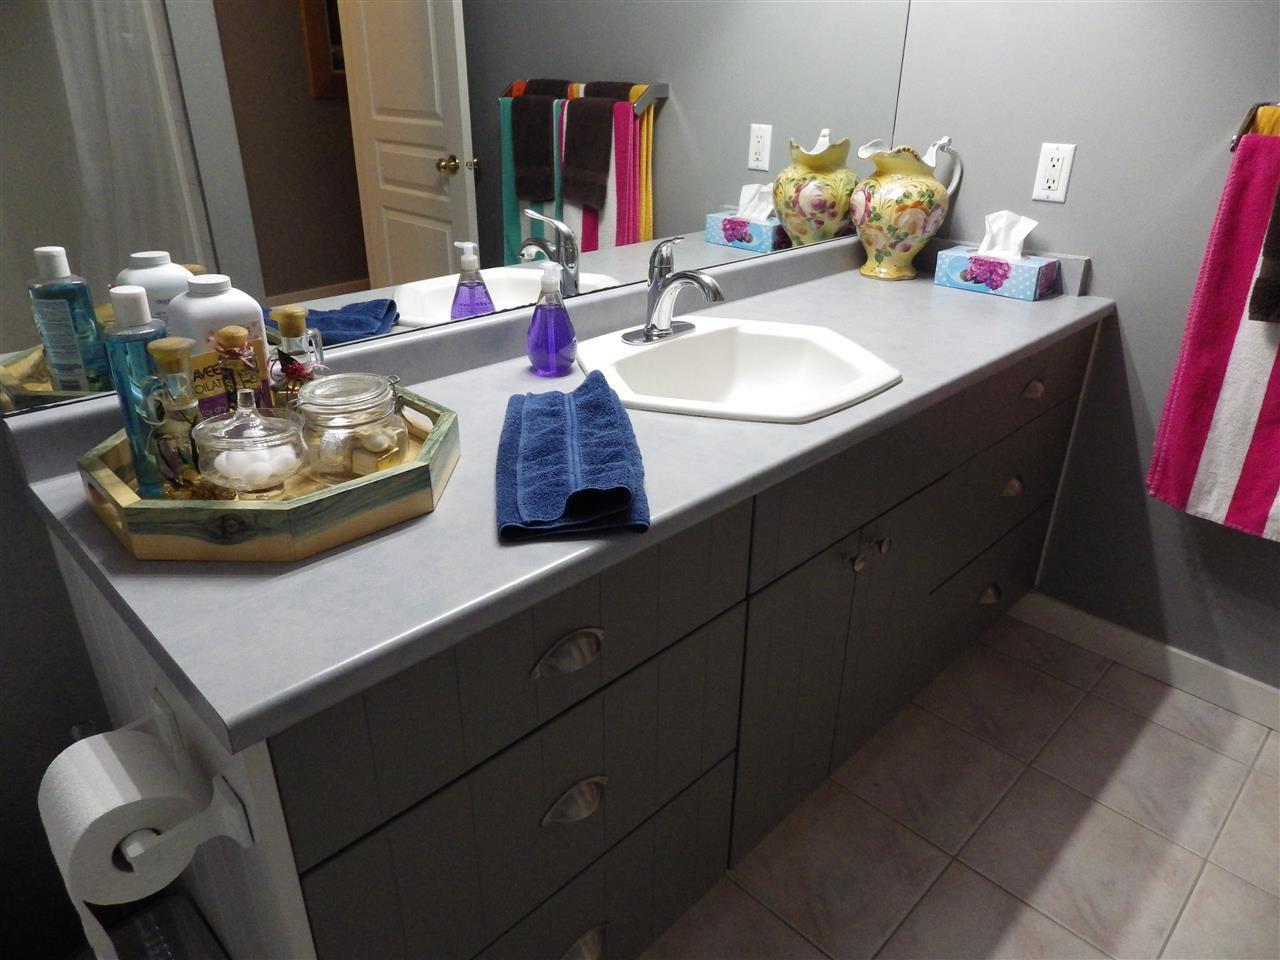 Photo 8: Photos: 5599 MEDUSA Place in Sechelt: Sechelt District House for sale (Sunshine Coast)  : MLS®# R2344394